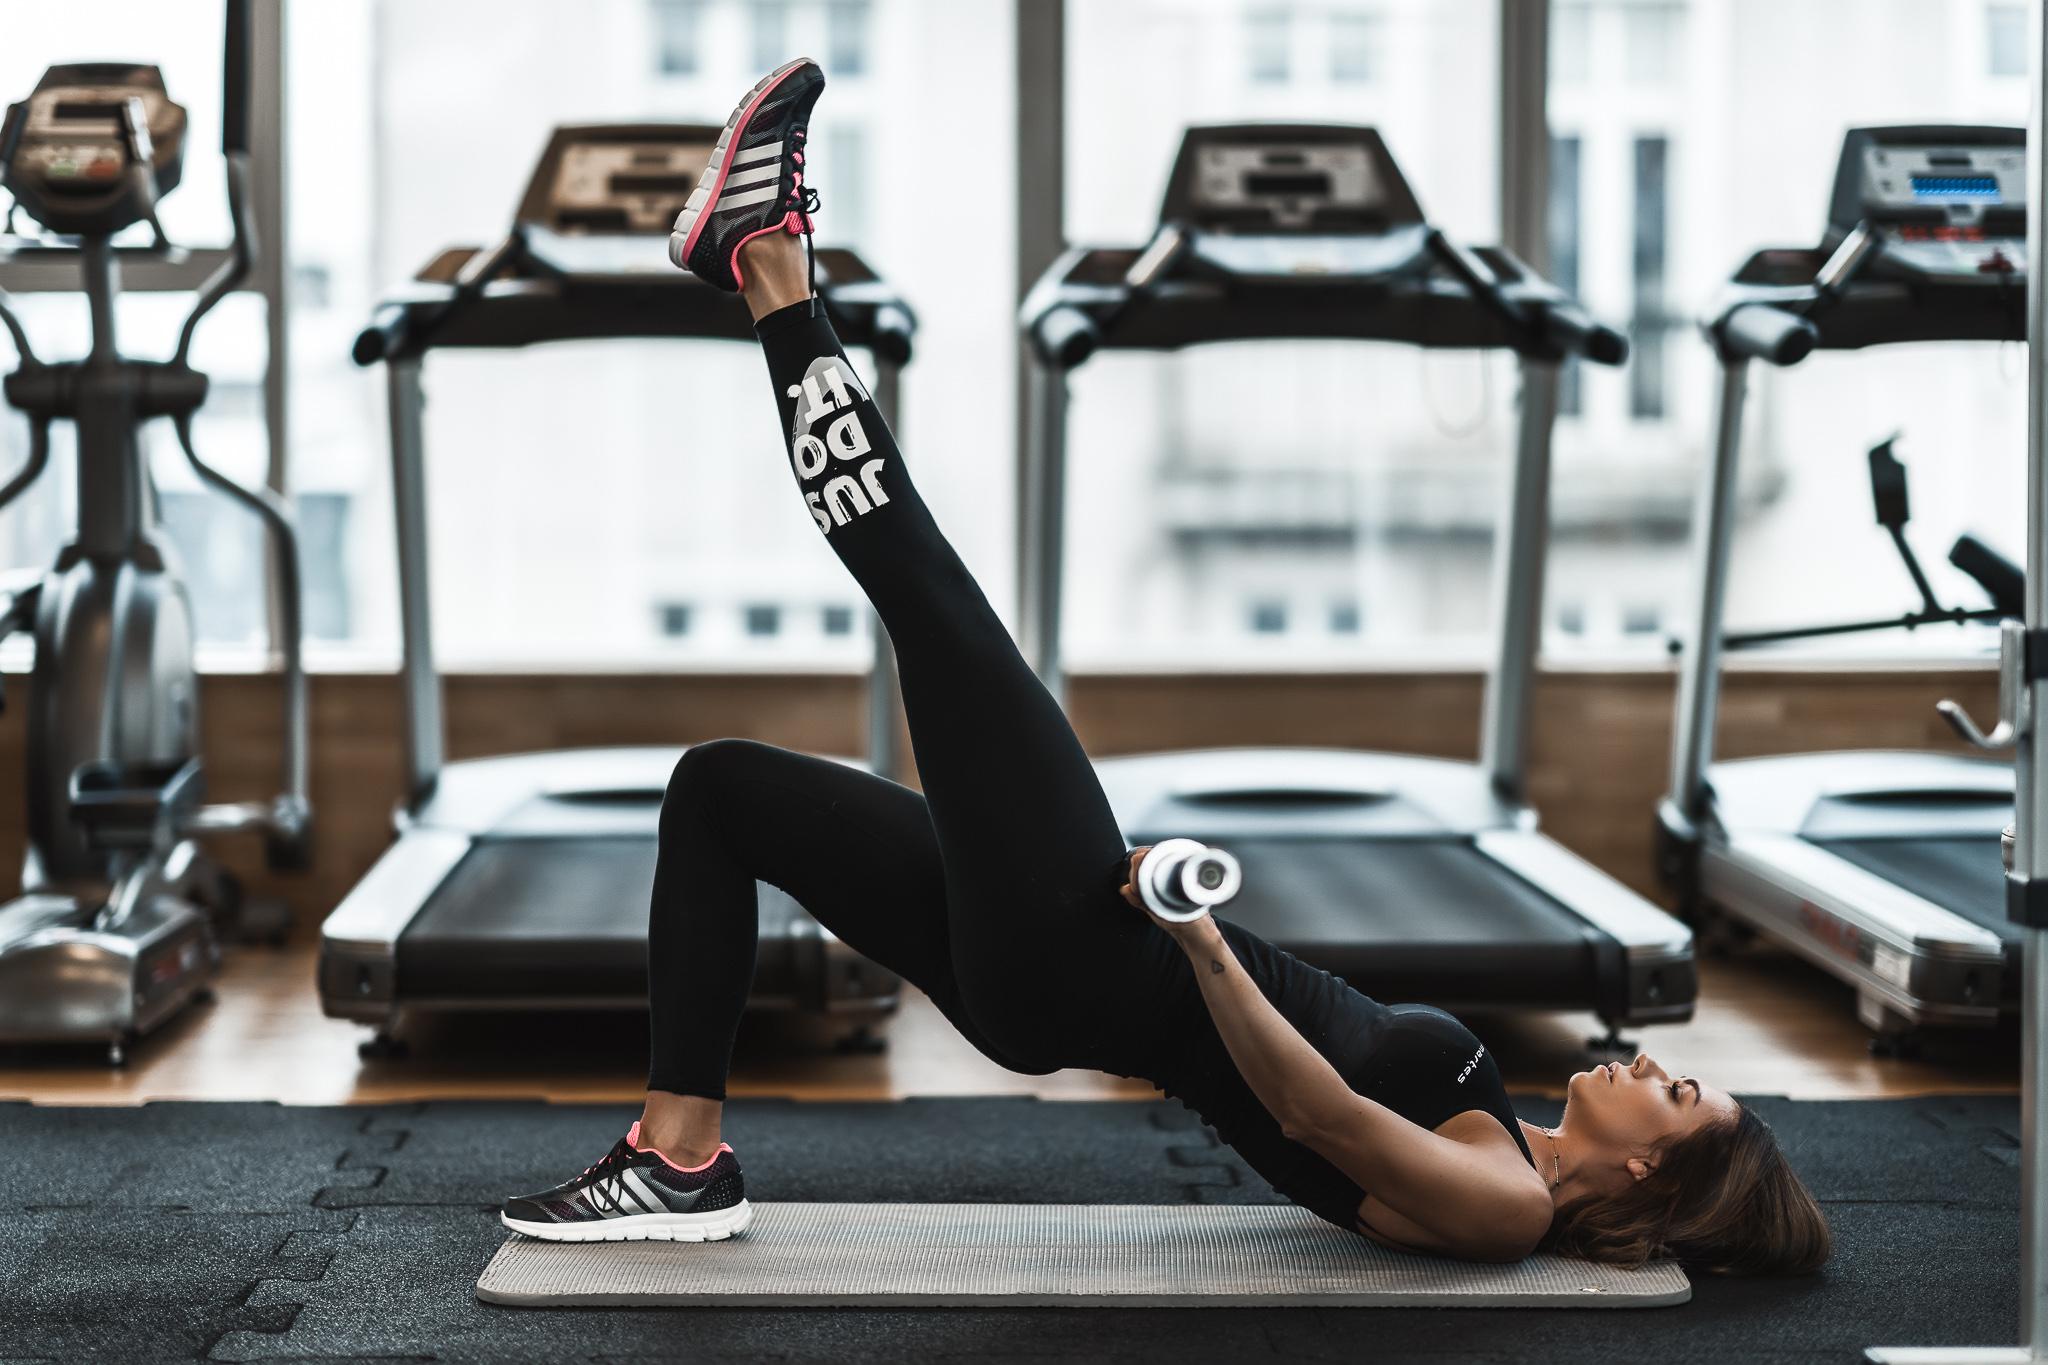 e46a07a0061aaf Regularne treningi w równym stopniu oddziałują na ciało i na psychikę.  Każdy wysiłek trwający co najmniej przez 30 minut powoduje wzrost produkcji  endorfin ...